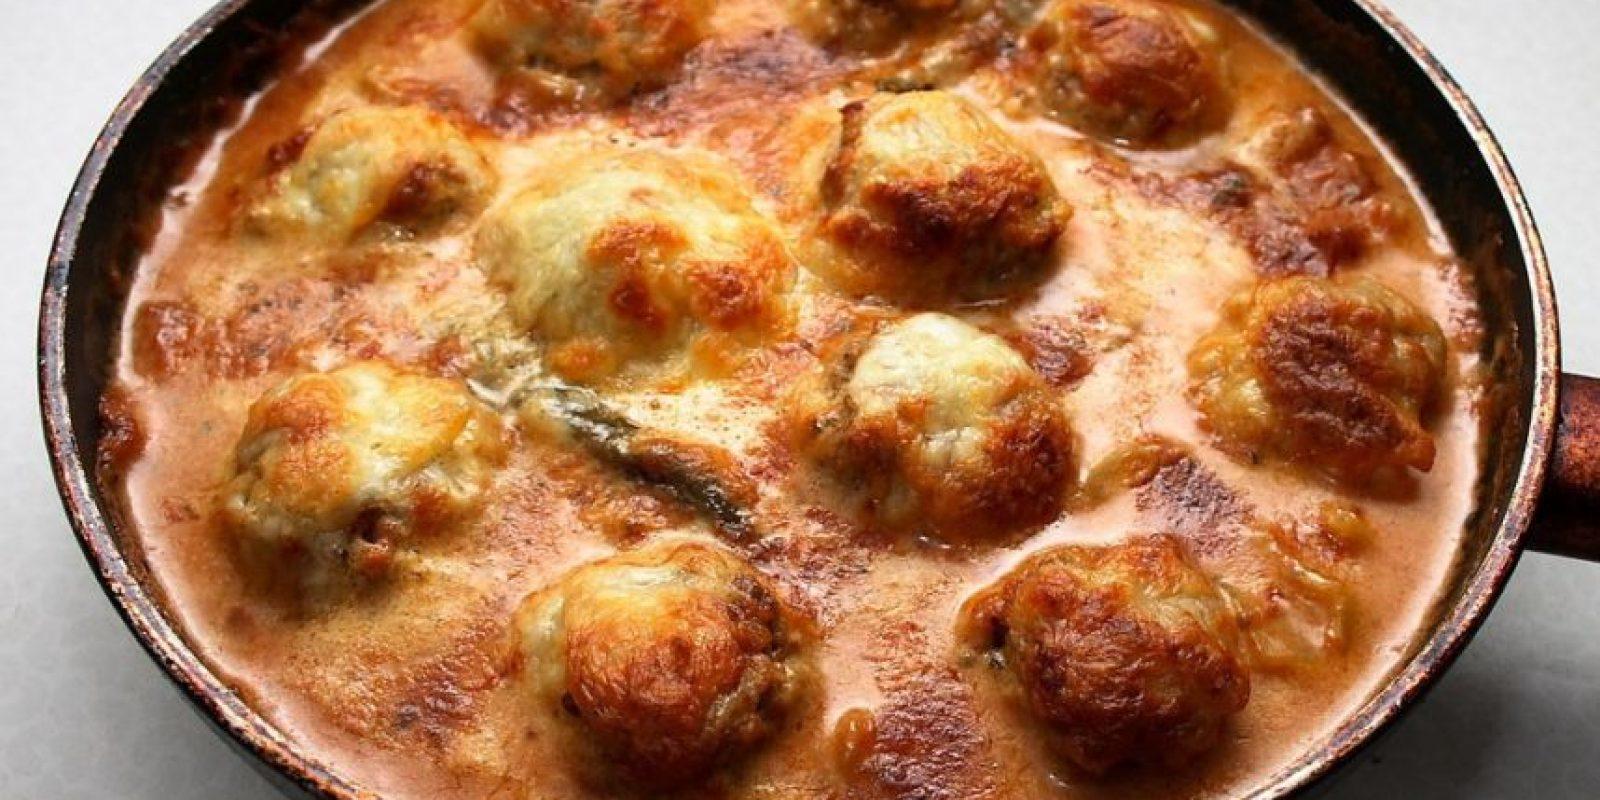 Albóndigas jugosas con queso crujiente al comienzo. Foto:Via Flickr/ dos82